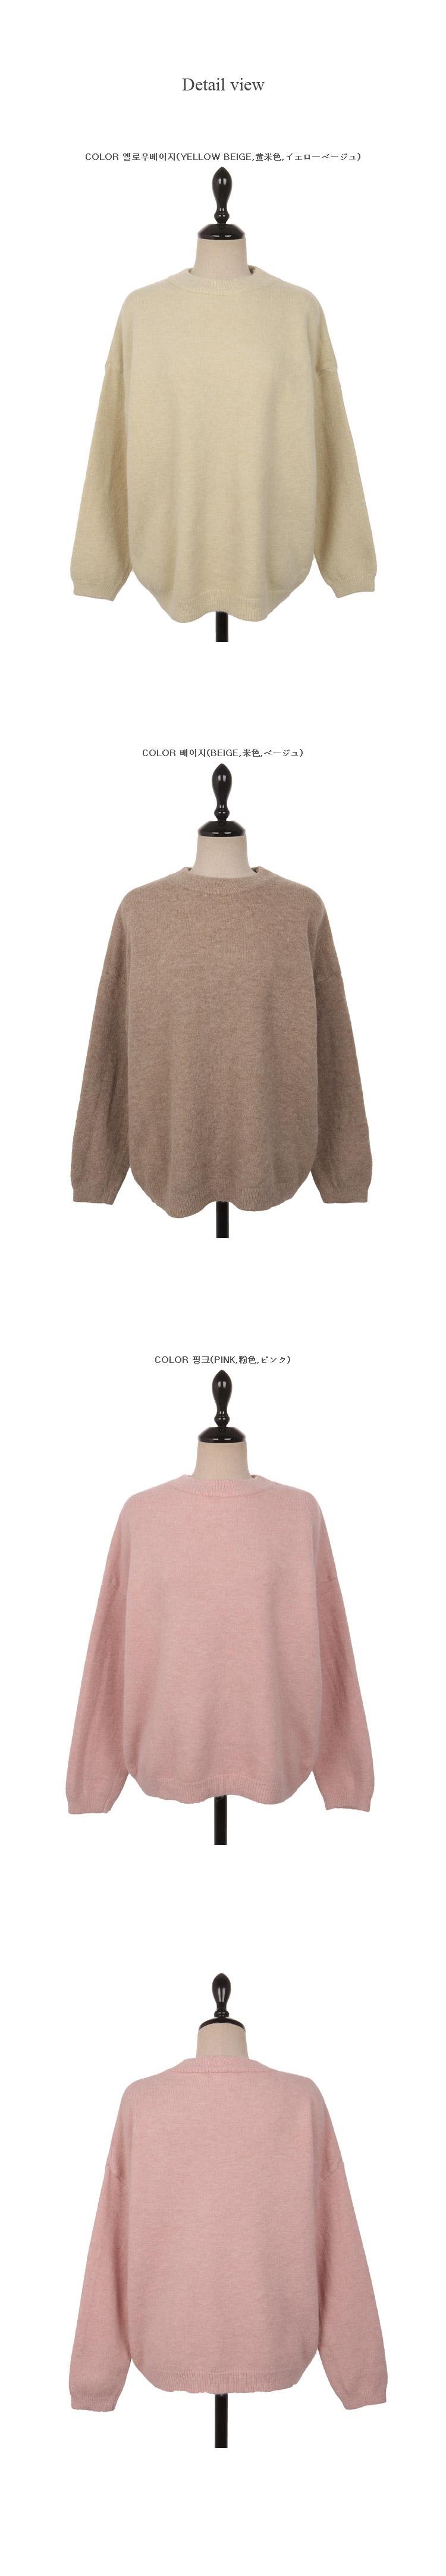 Weard knit